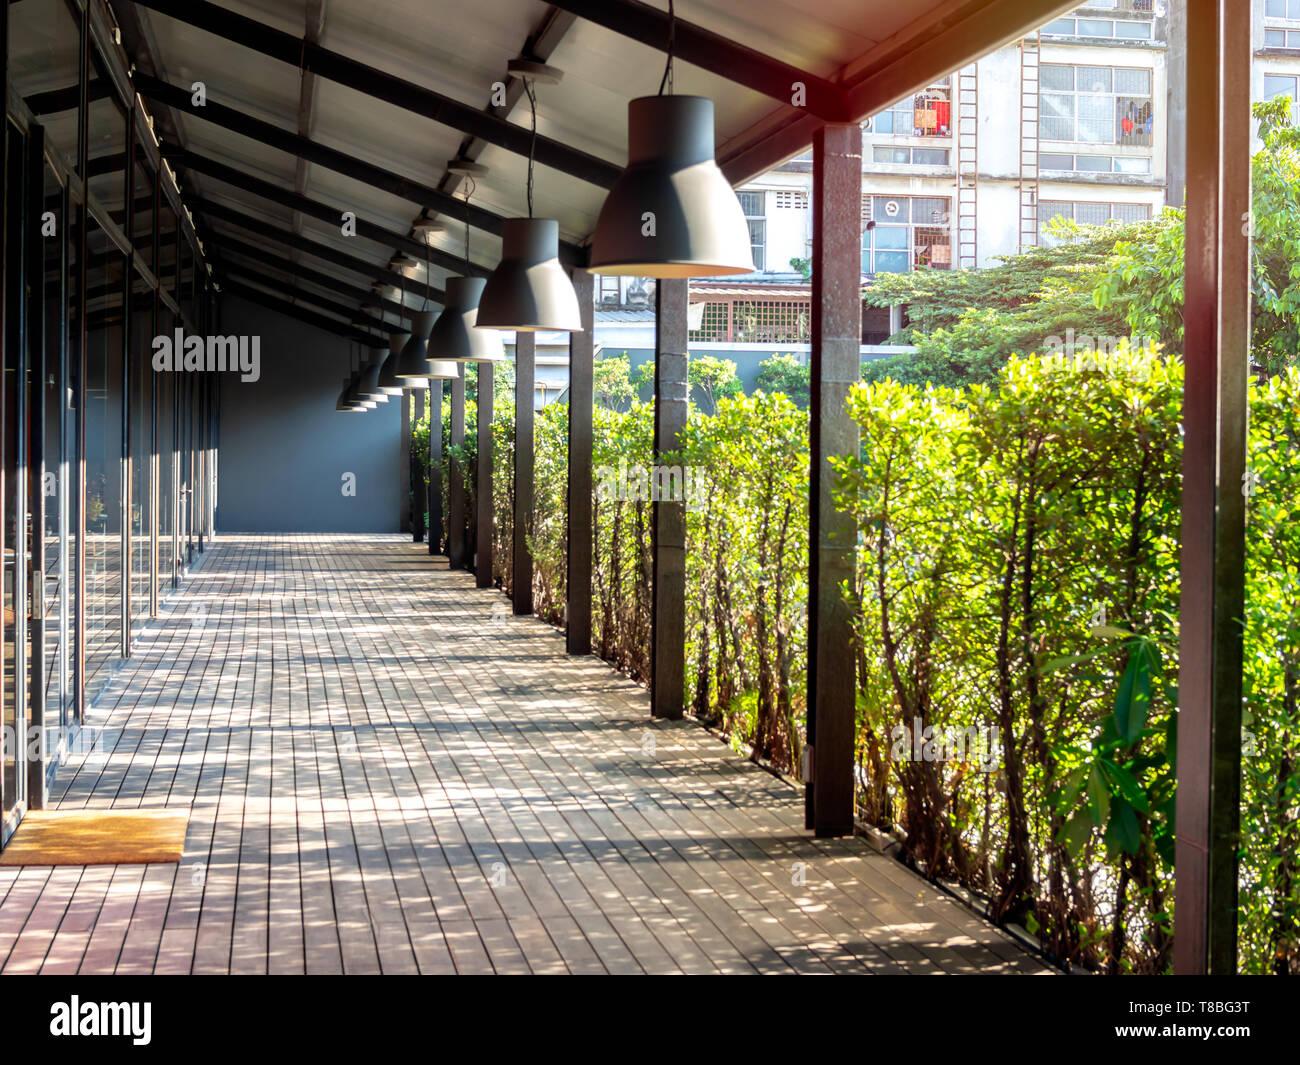 Piso De Madera Espacio De Terraza Con Techo Luz Bajo El